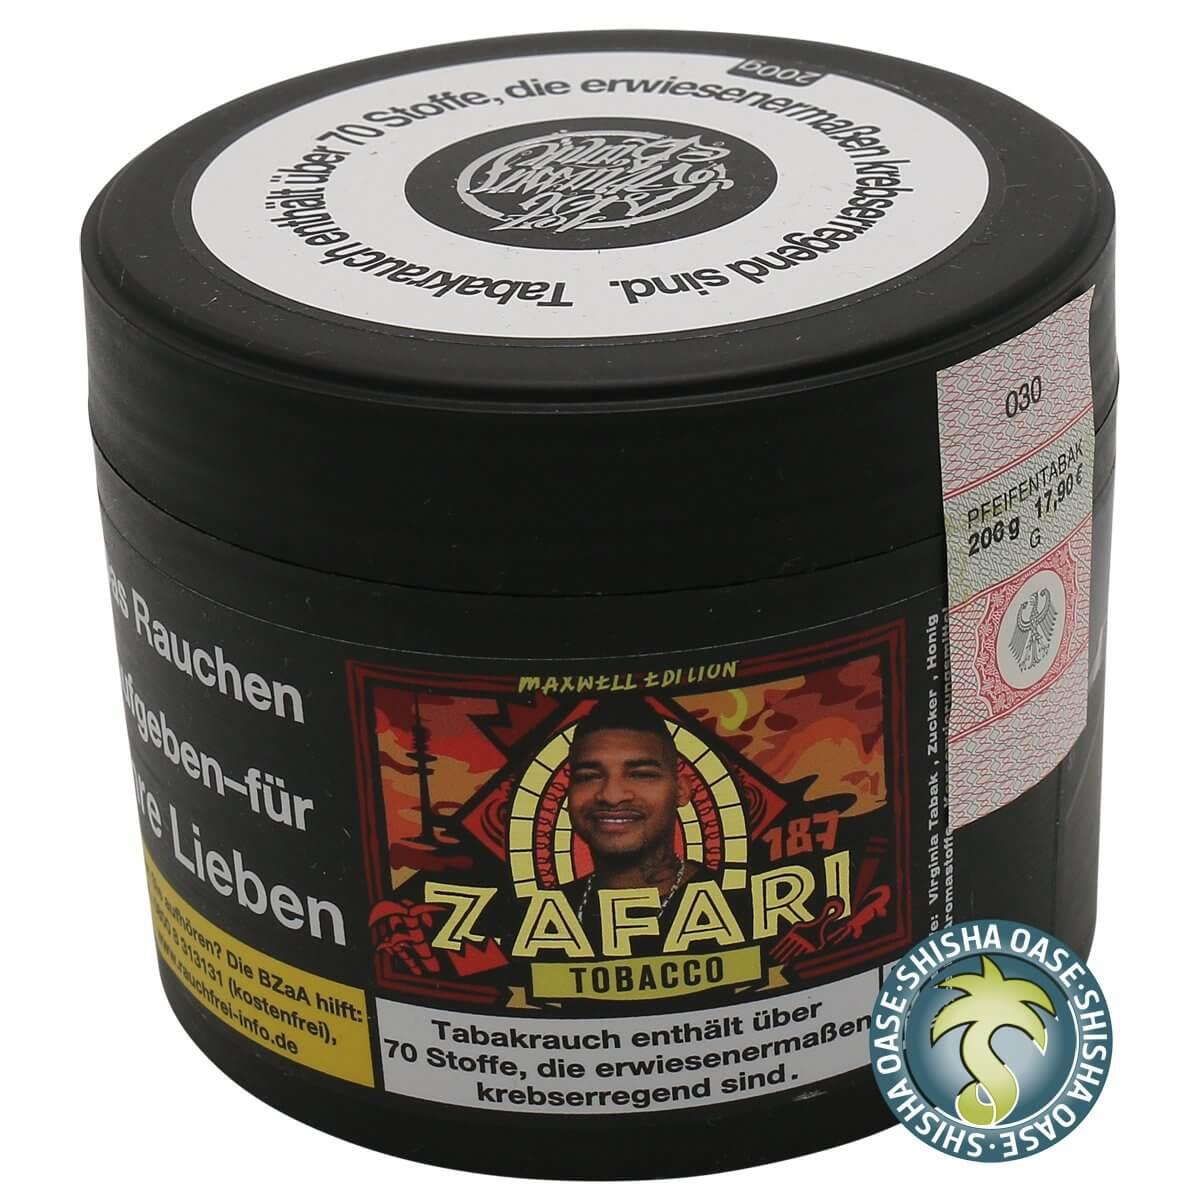 187 Tabak Zafari 200g